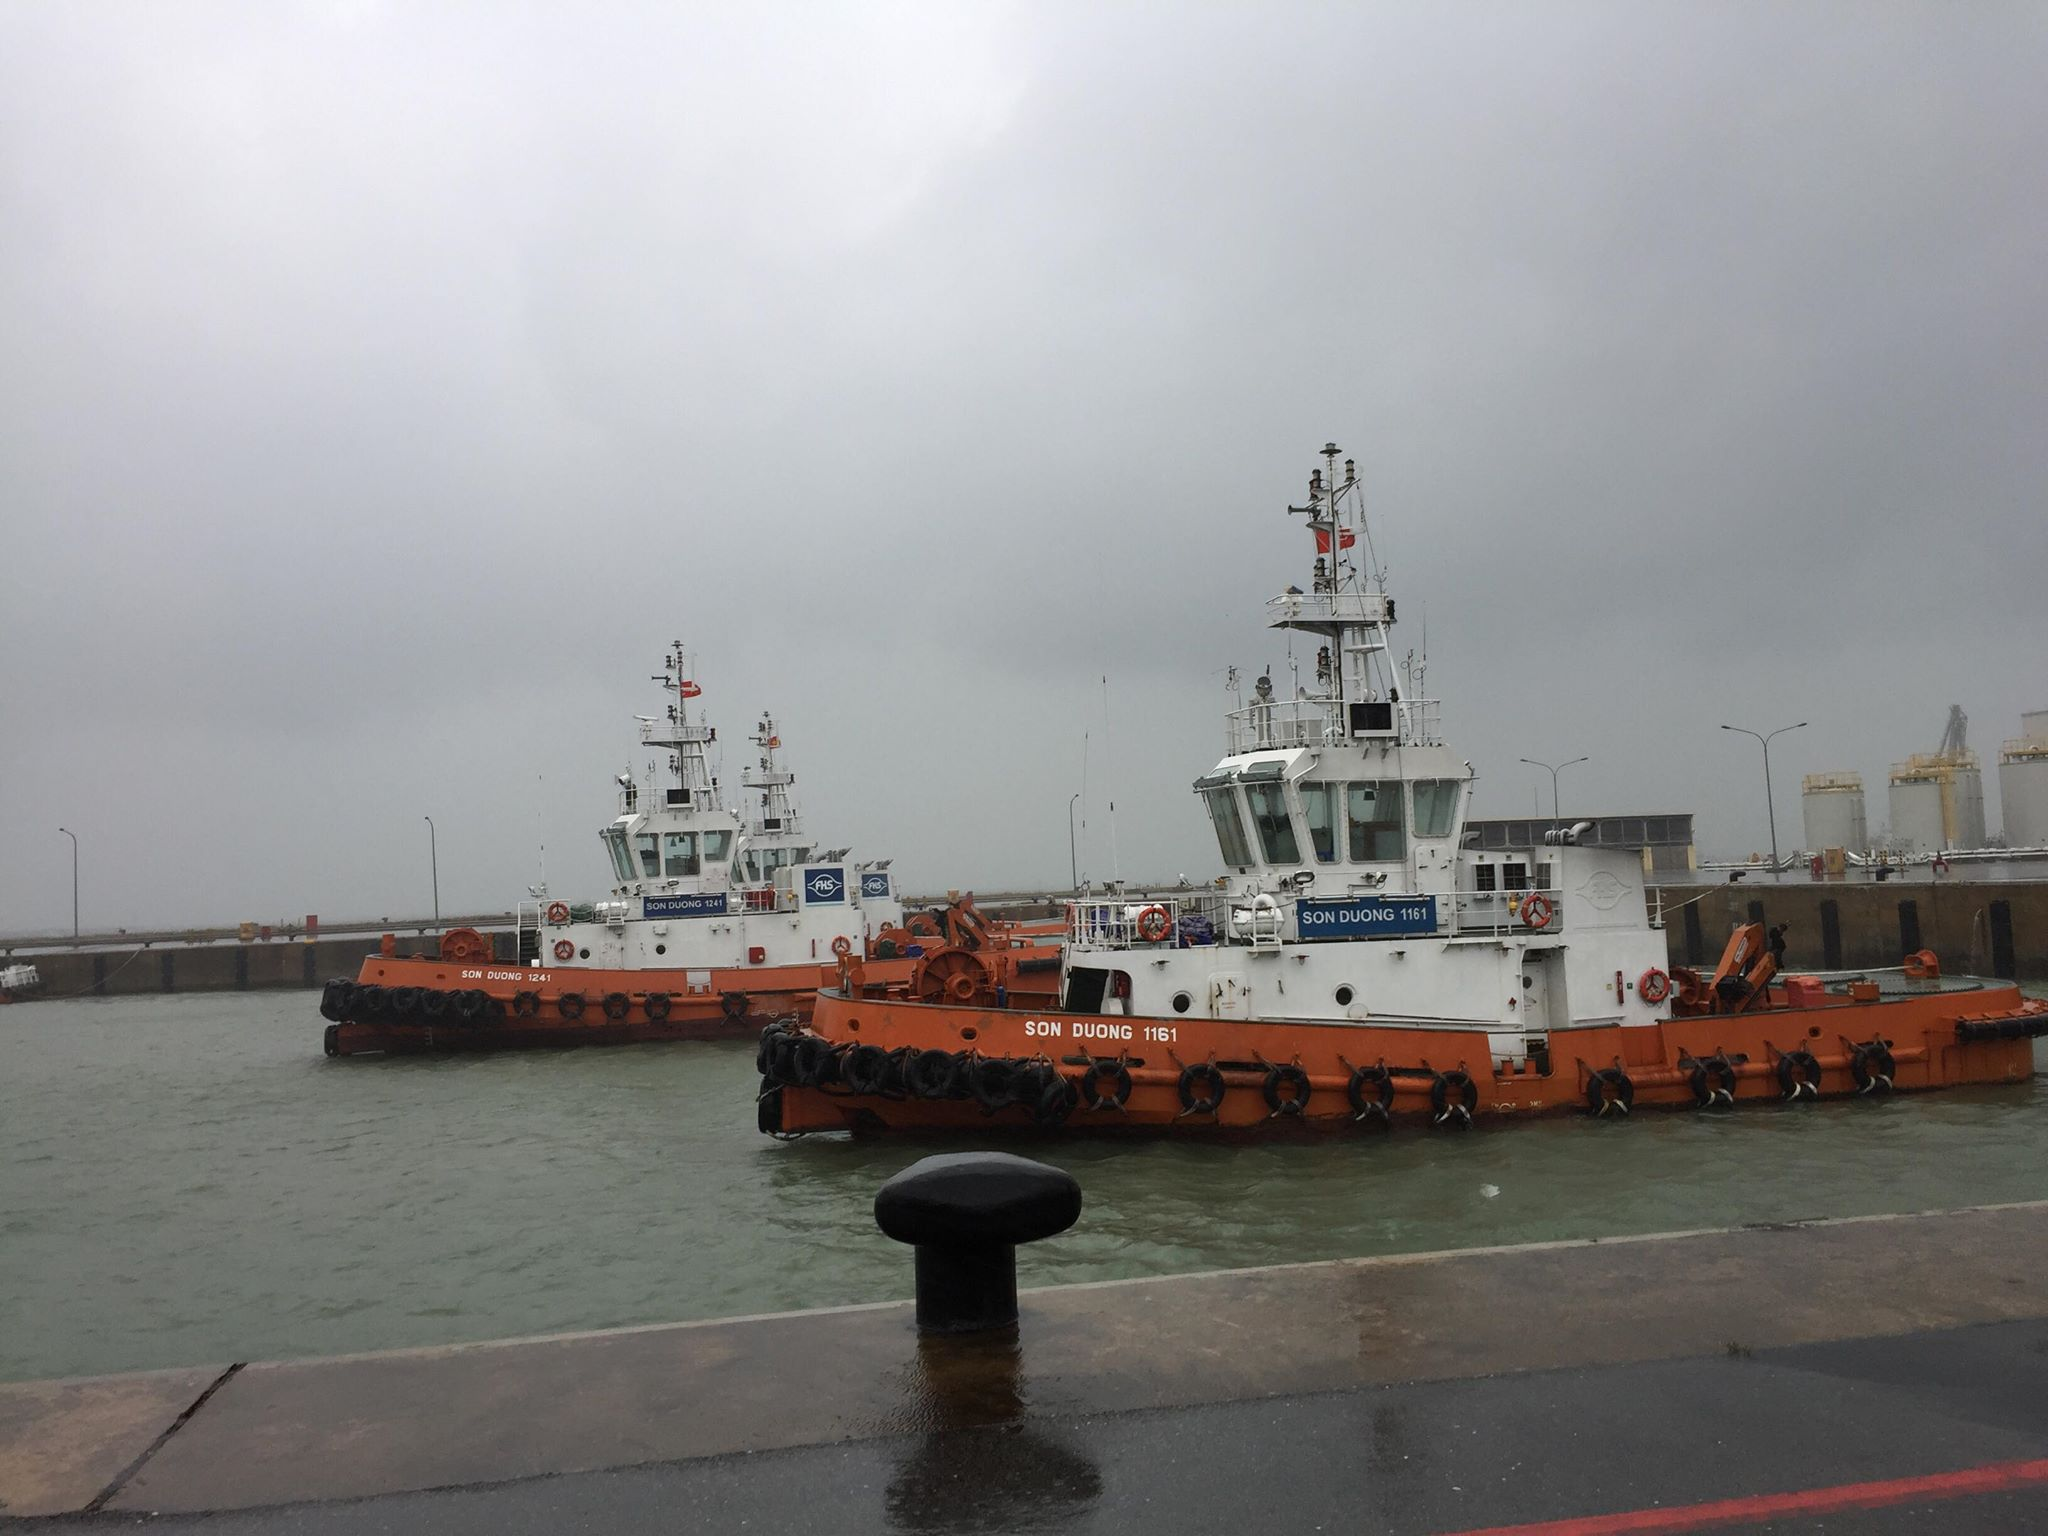 Chìm tàu trên biển Hà Tĩnh, 12 người mất tích